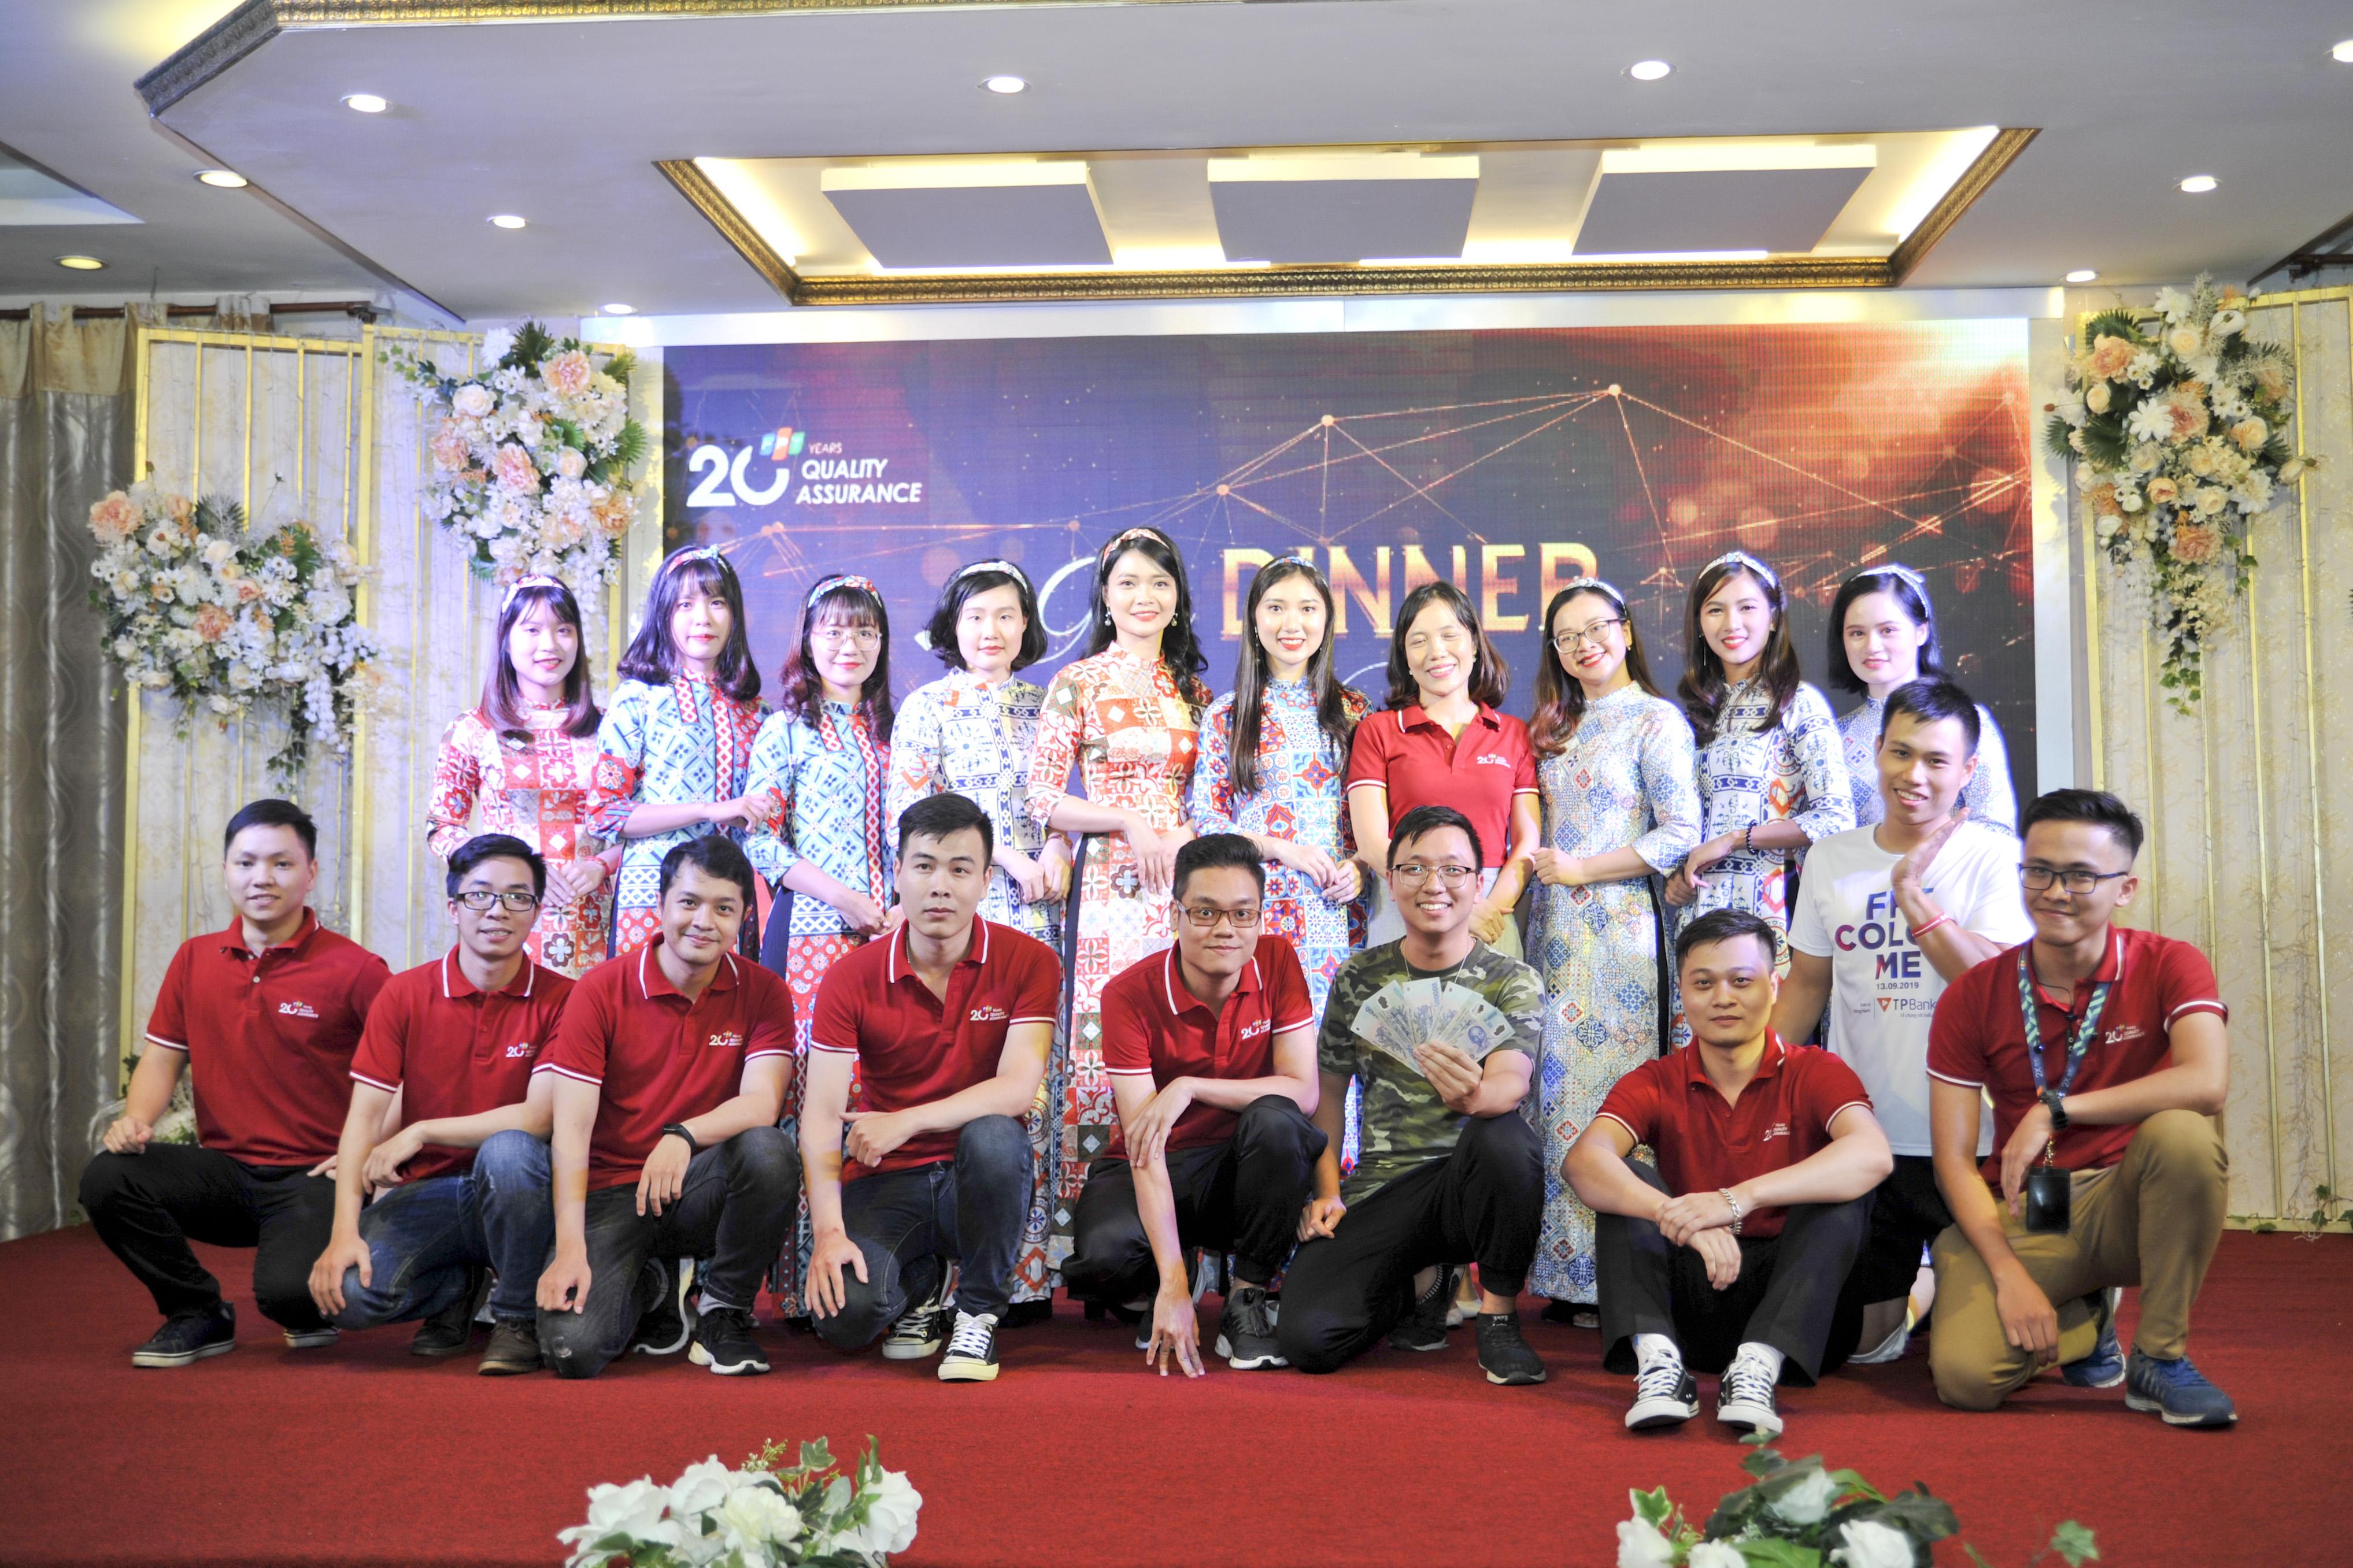 Trình diễn tự tin, trẻ trung, cả 9 cặp đôi đều ghi điểm tuyệt đối. Chị Kim Phương tặng món quà chung cho tất cả các cặp đôi.